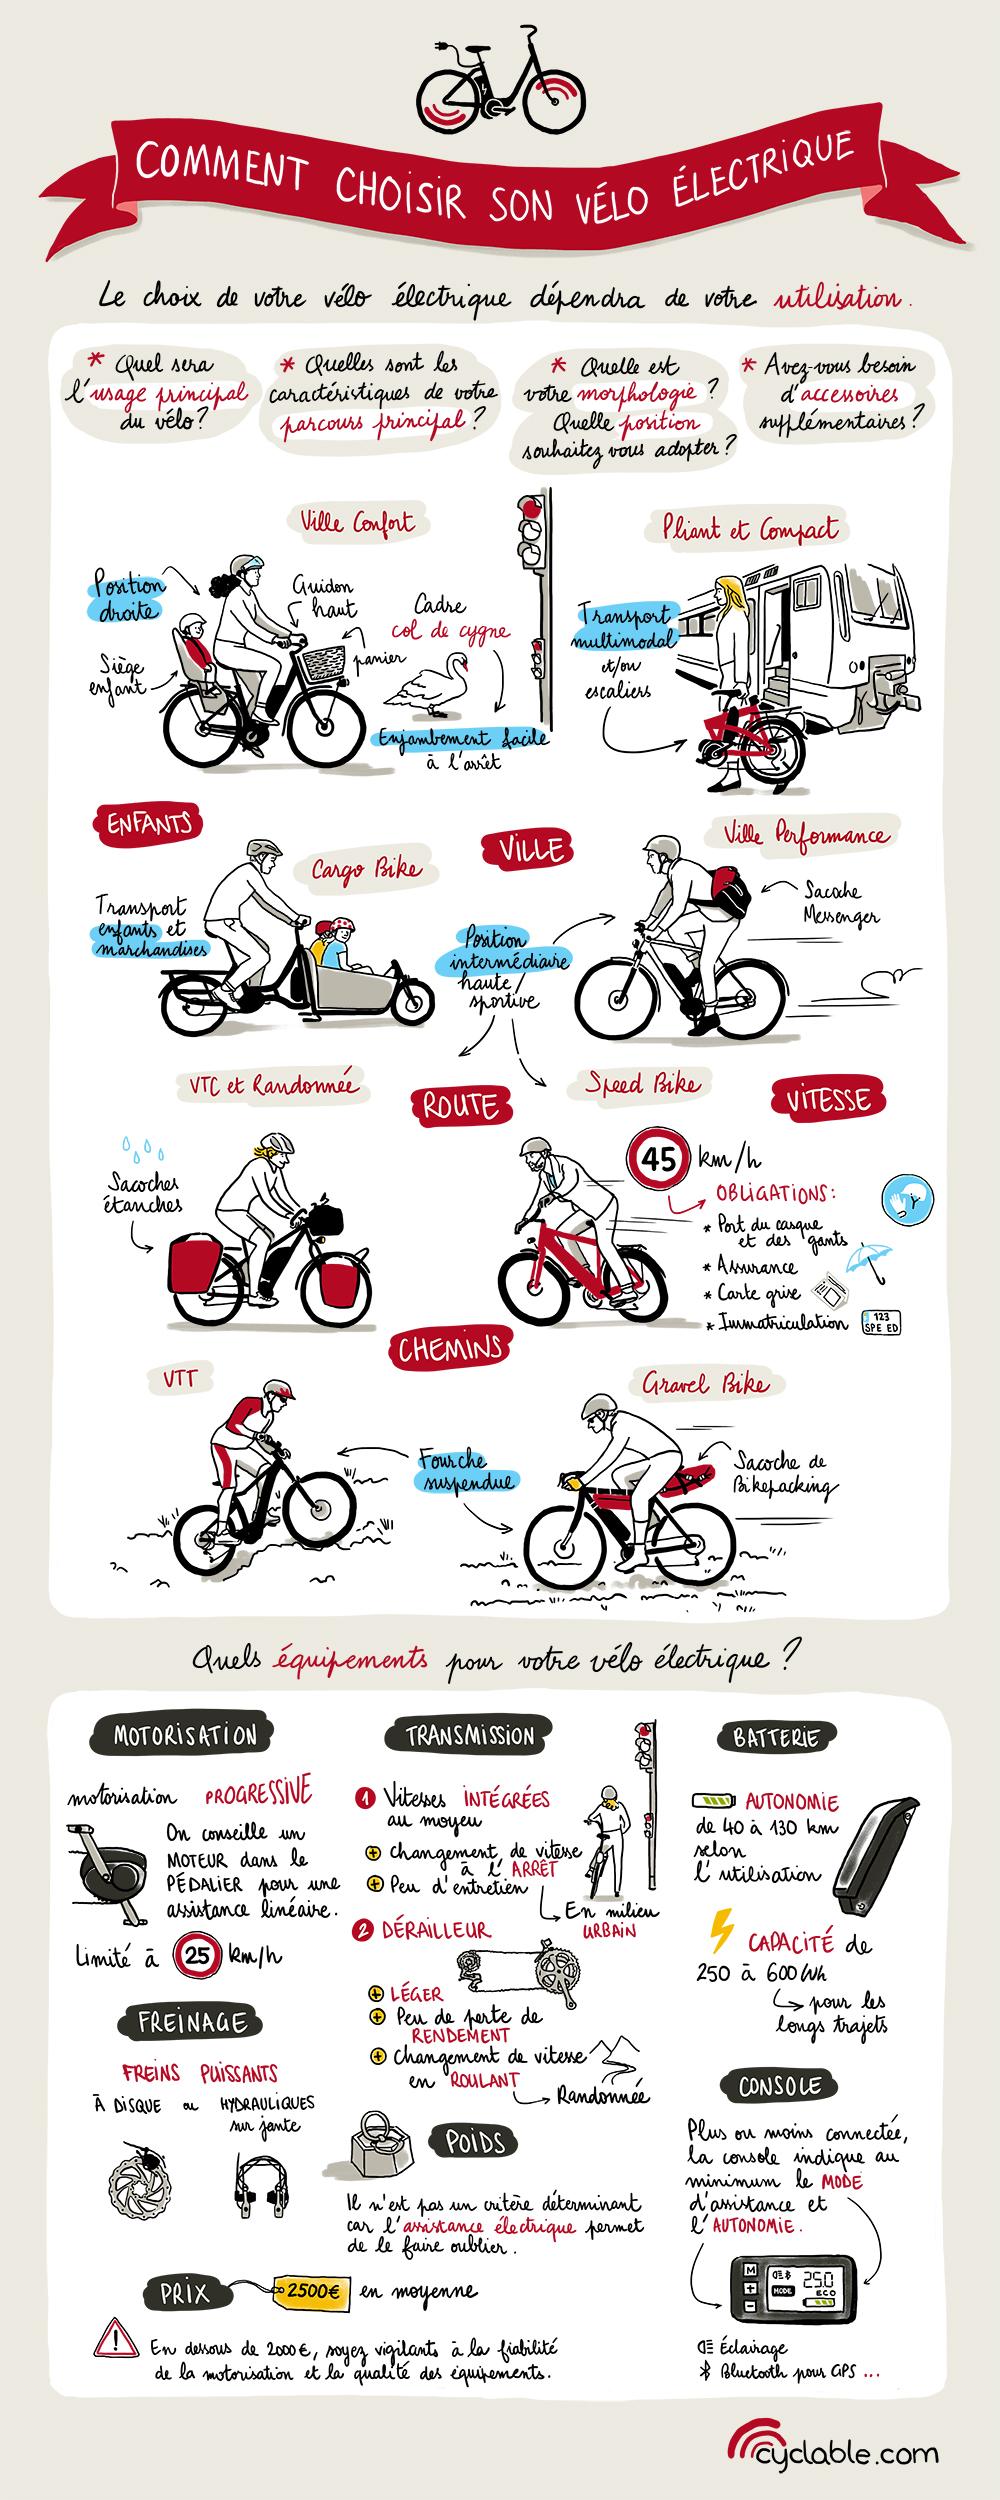 Infographie pour conseils pour choisir son vélo électrique